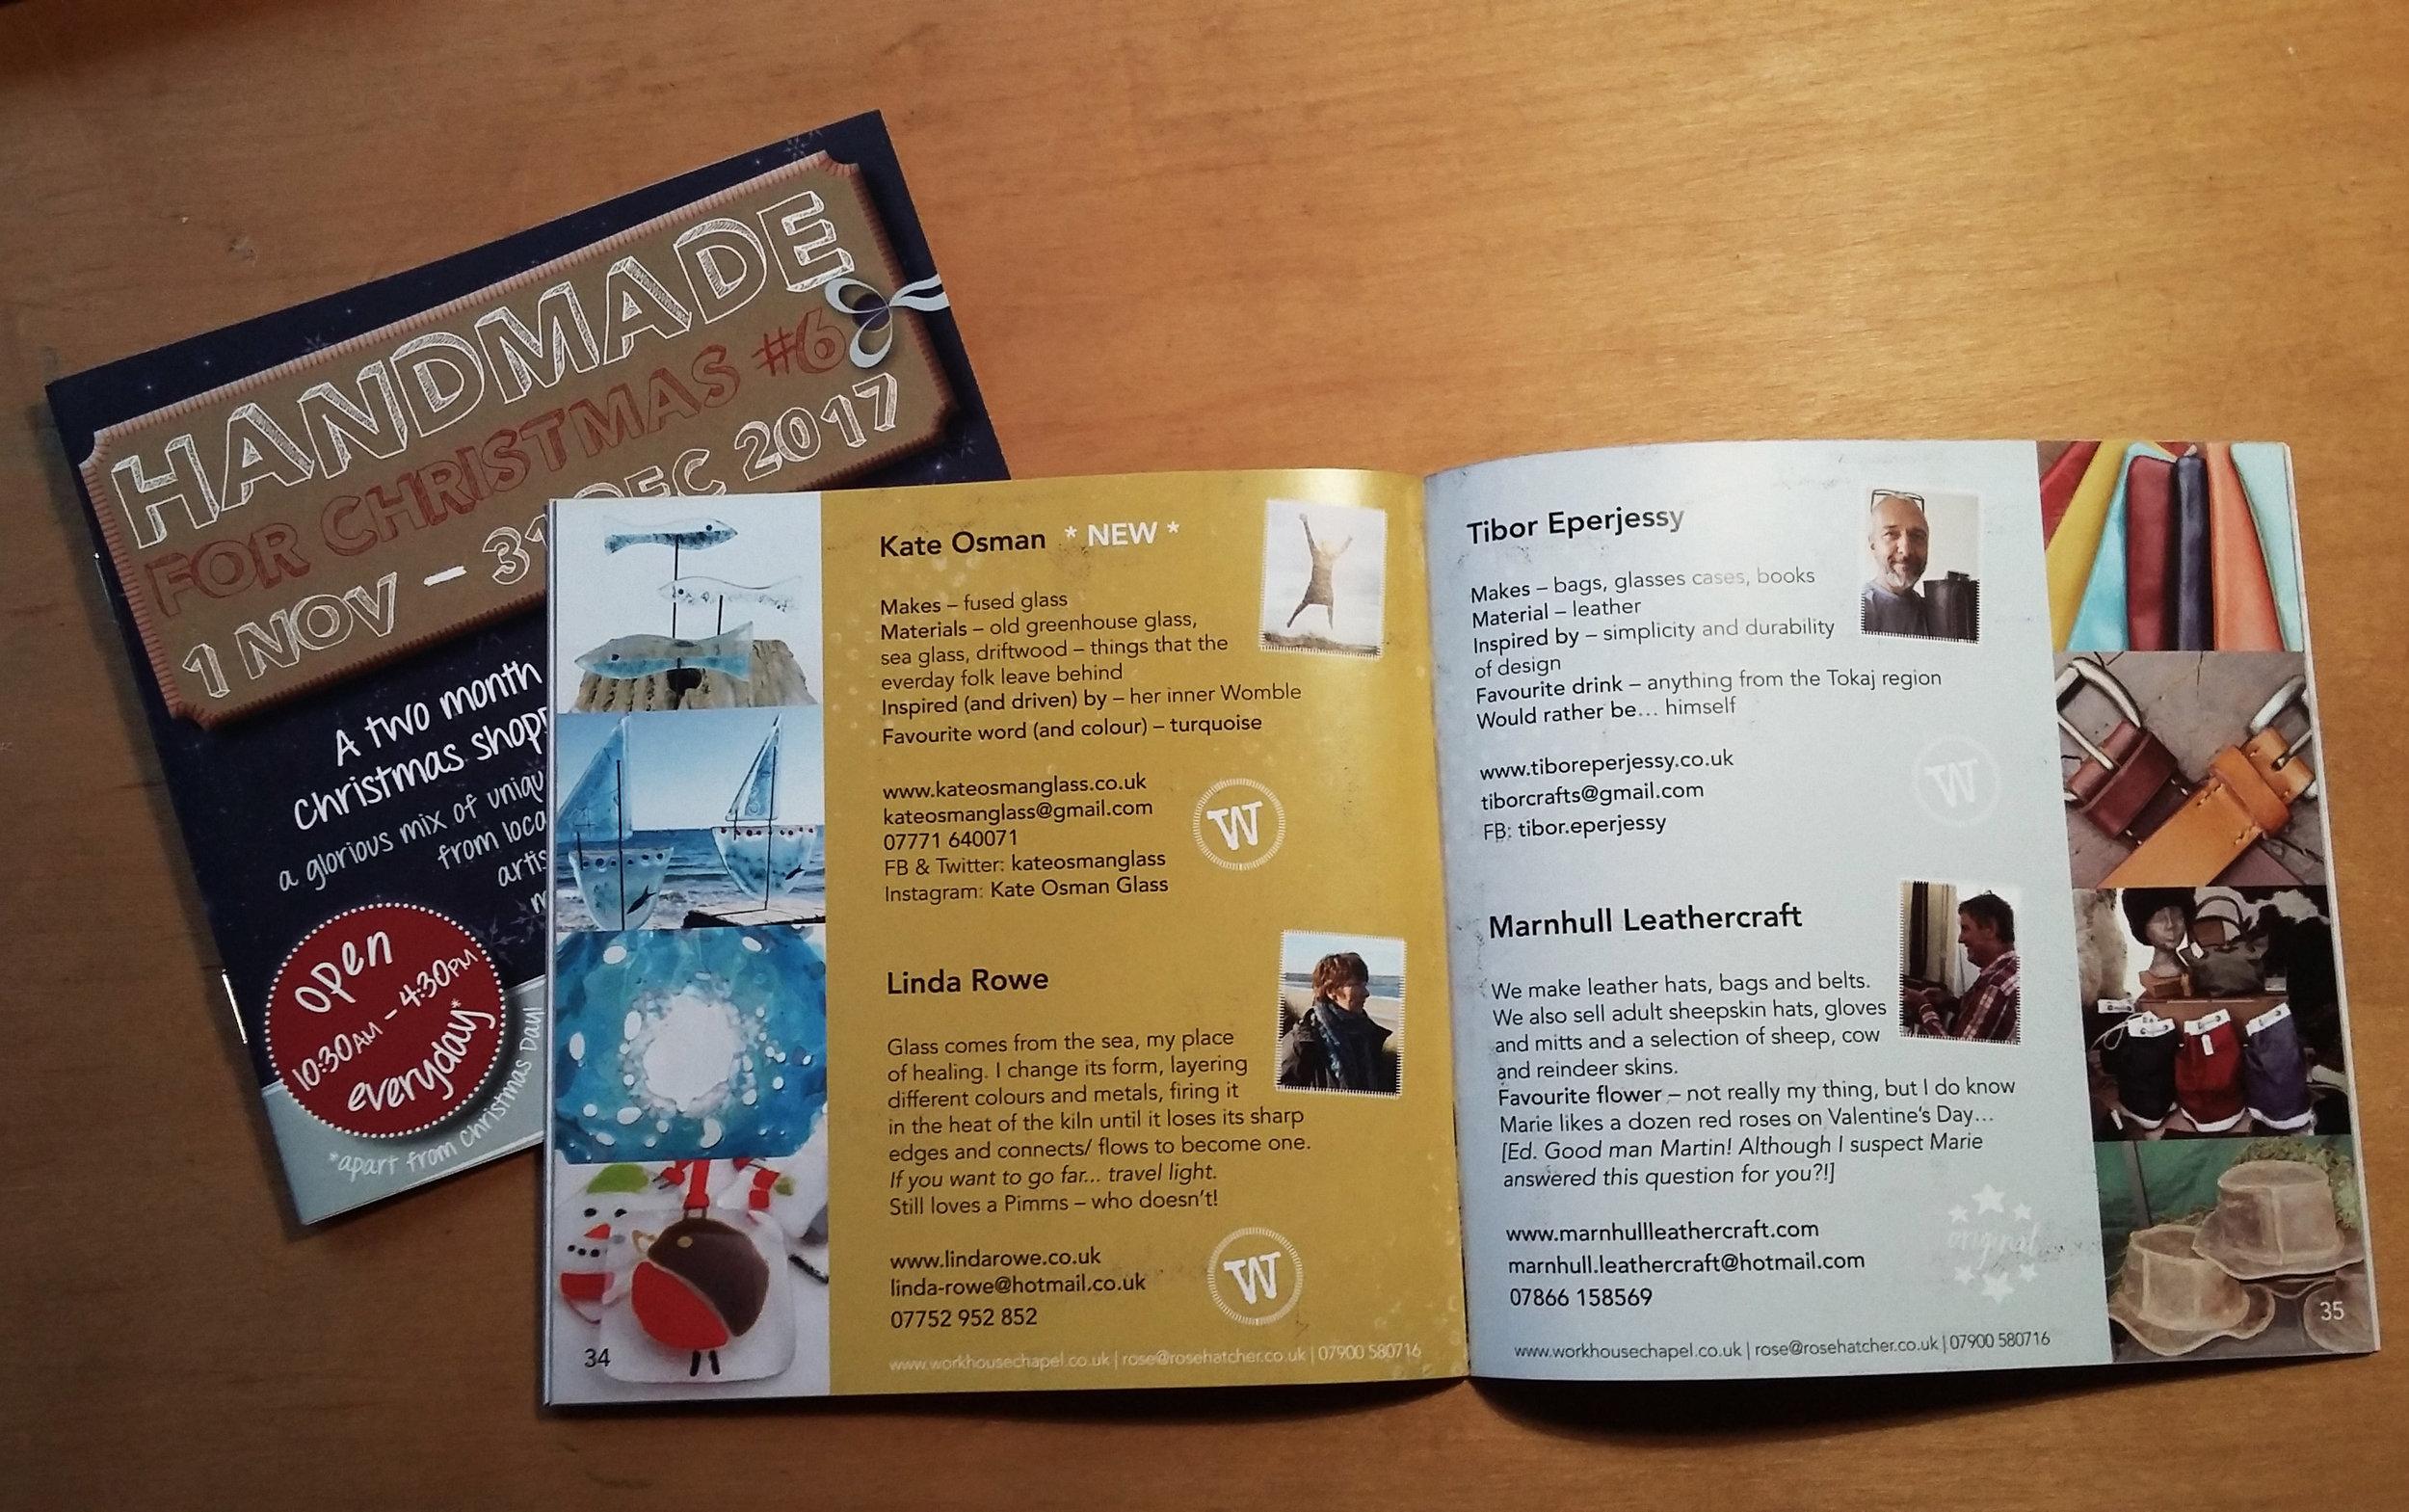 Handmade for Christmas directory